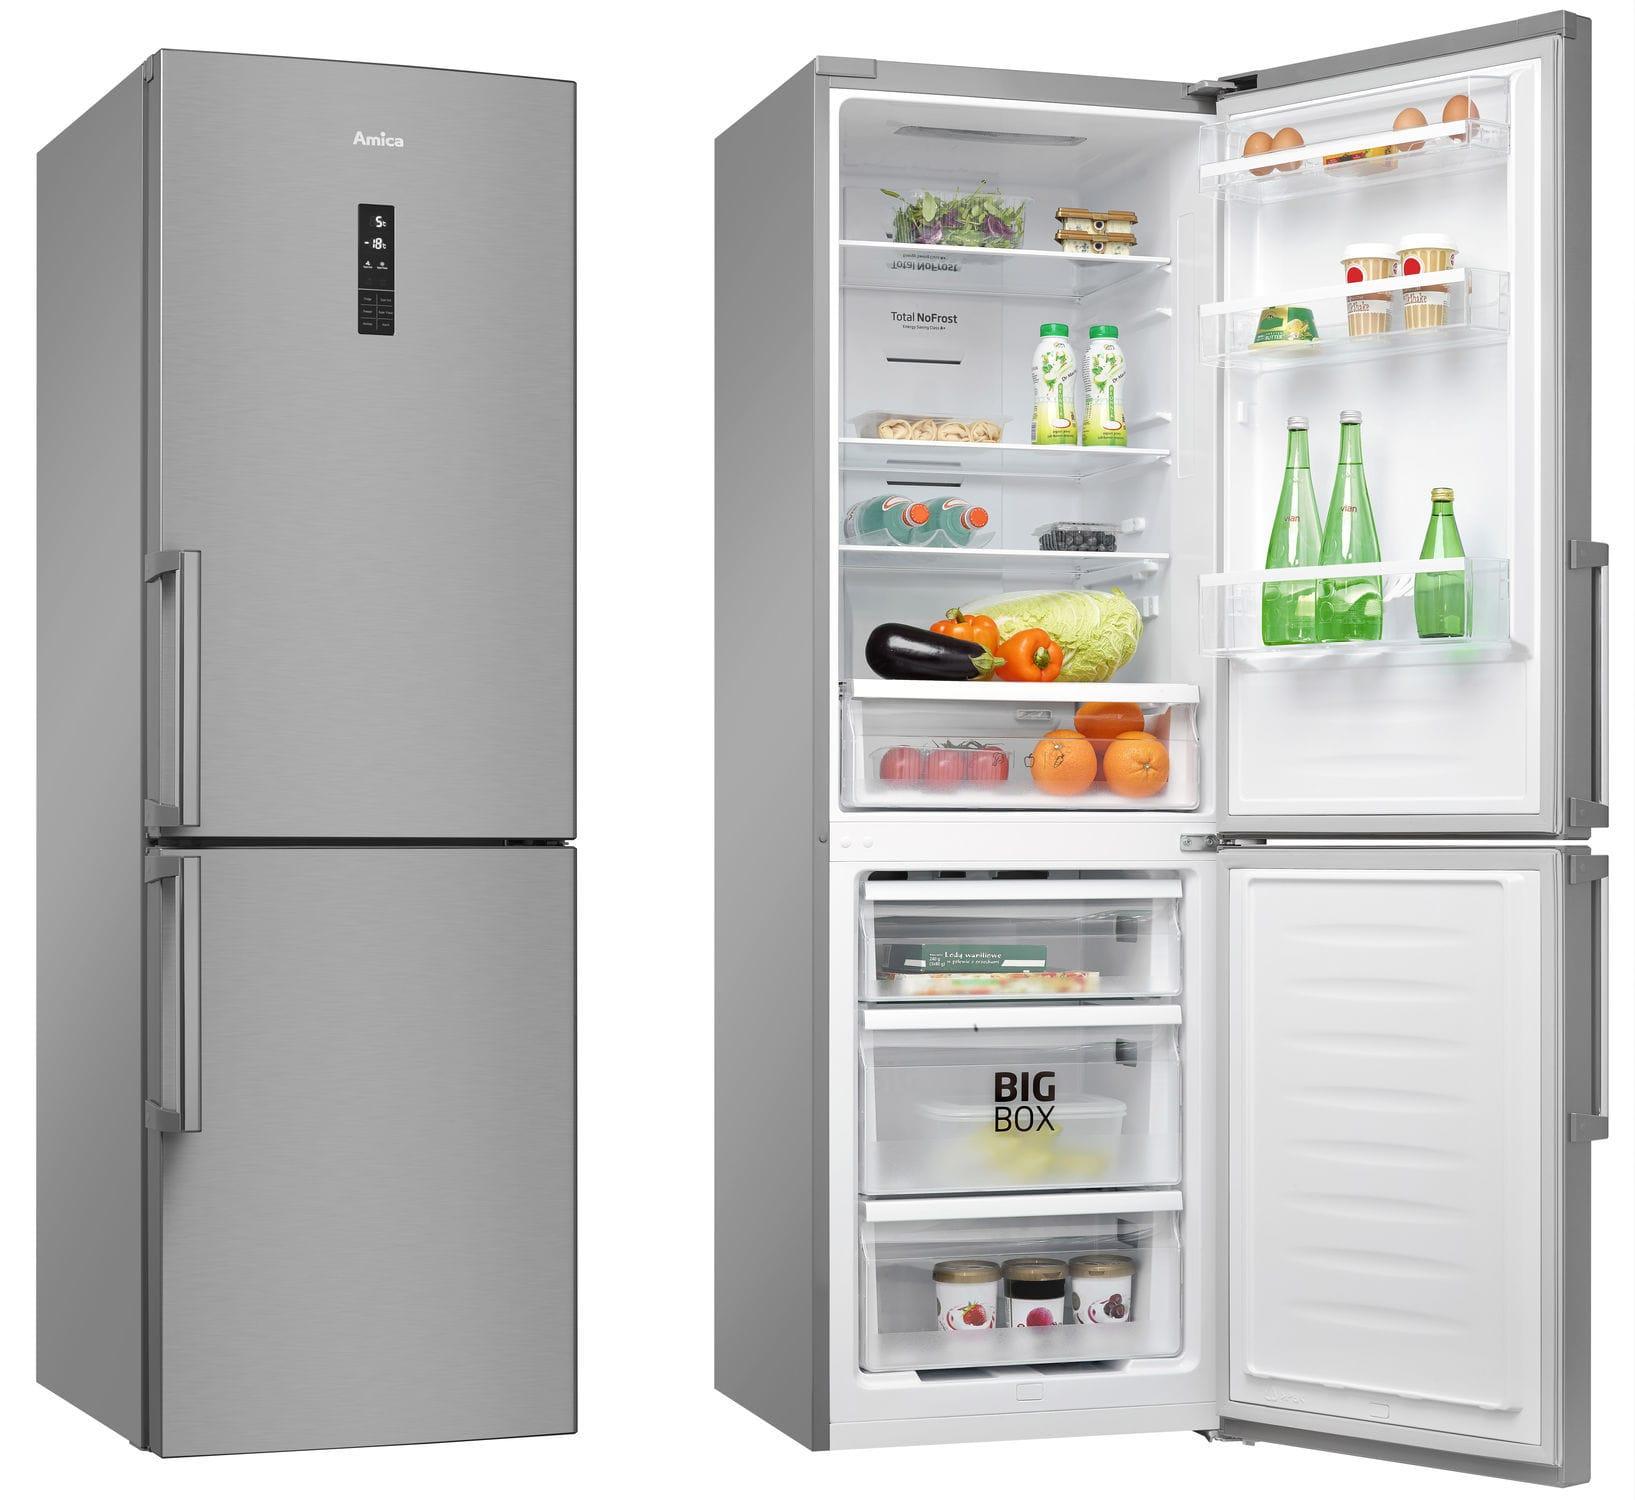 Residential Refrigerator Freezer / Double Door / Bottom Freezer   FK332.3DFX